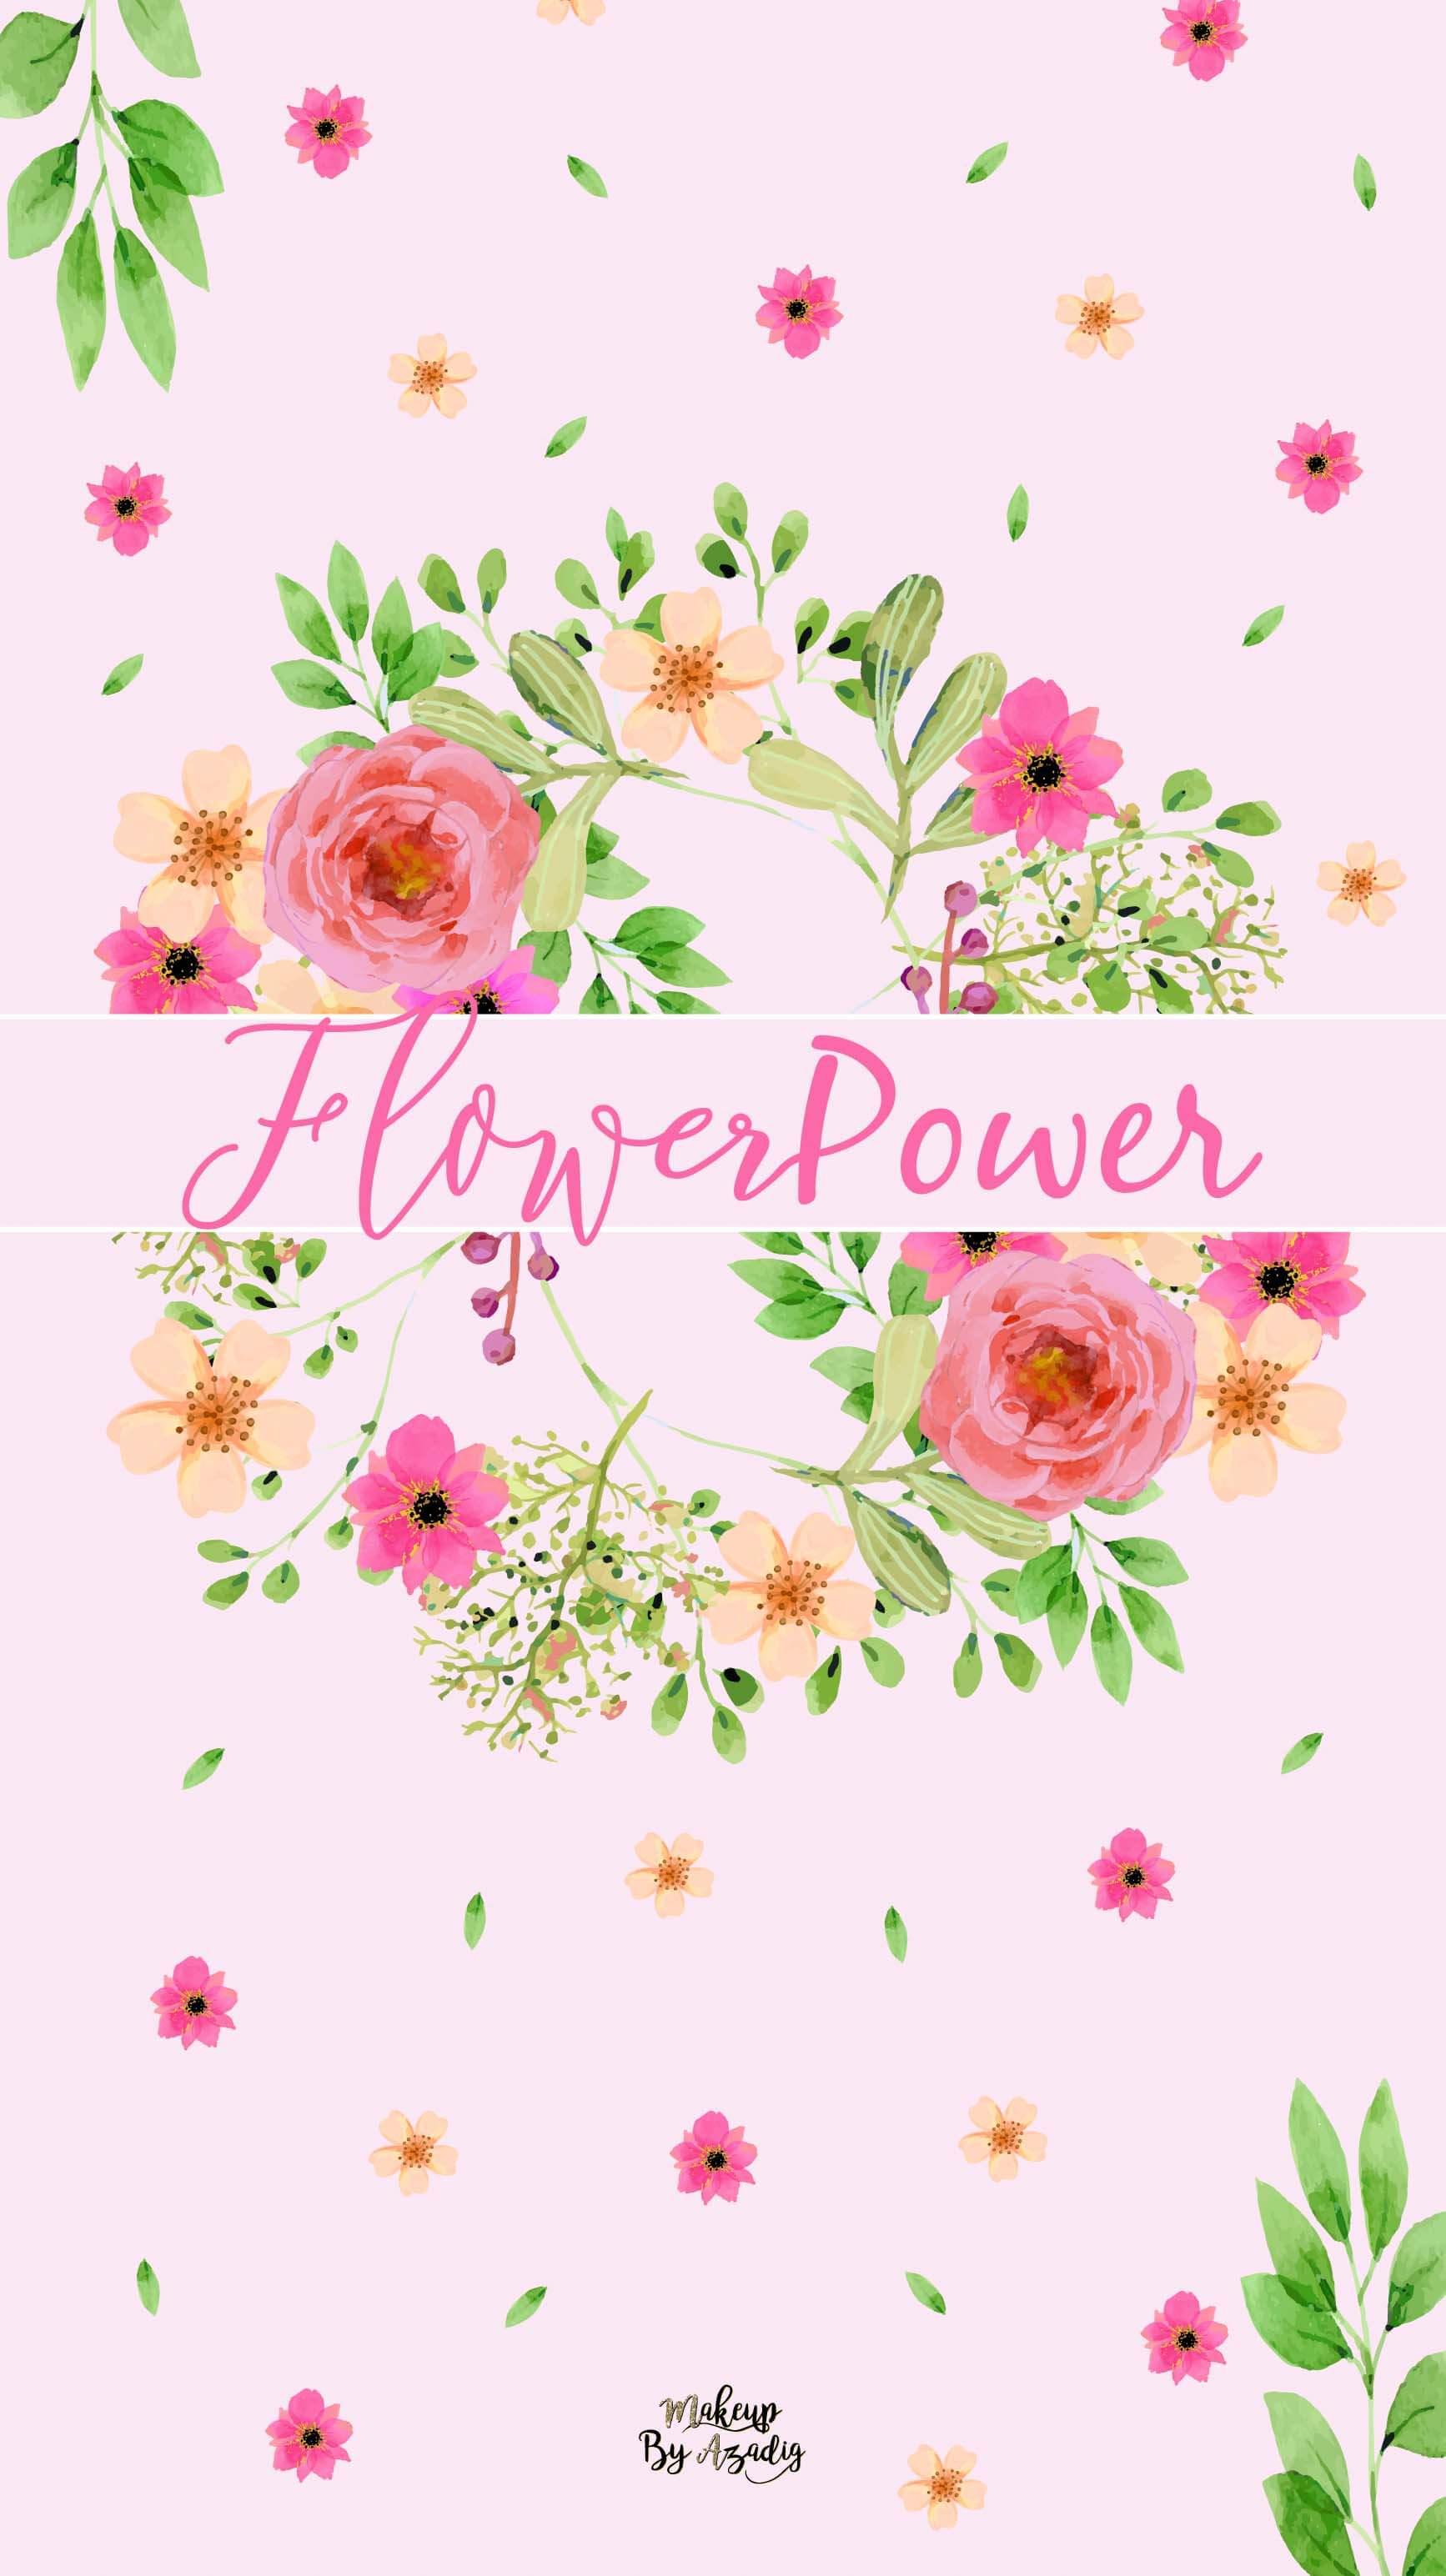 fond-decran-printemps-fleurs-flower-power-couronne-rose-girly-samsung-iphone-6-7-8-makeupbyazadig-tendance